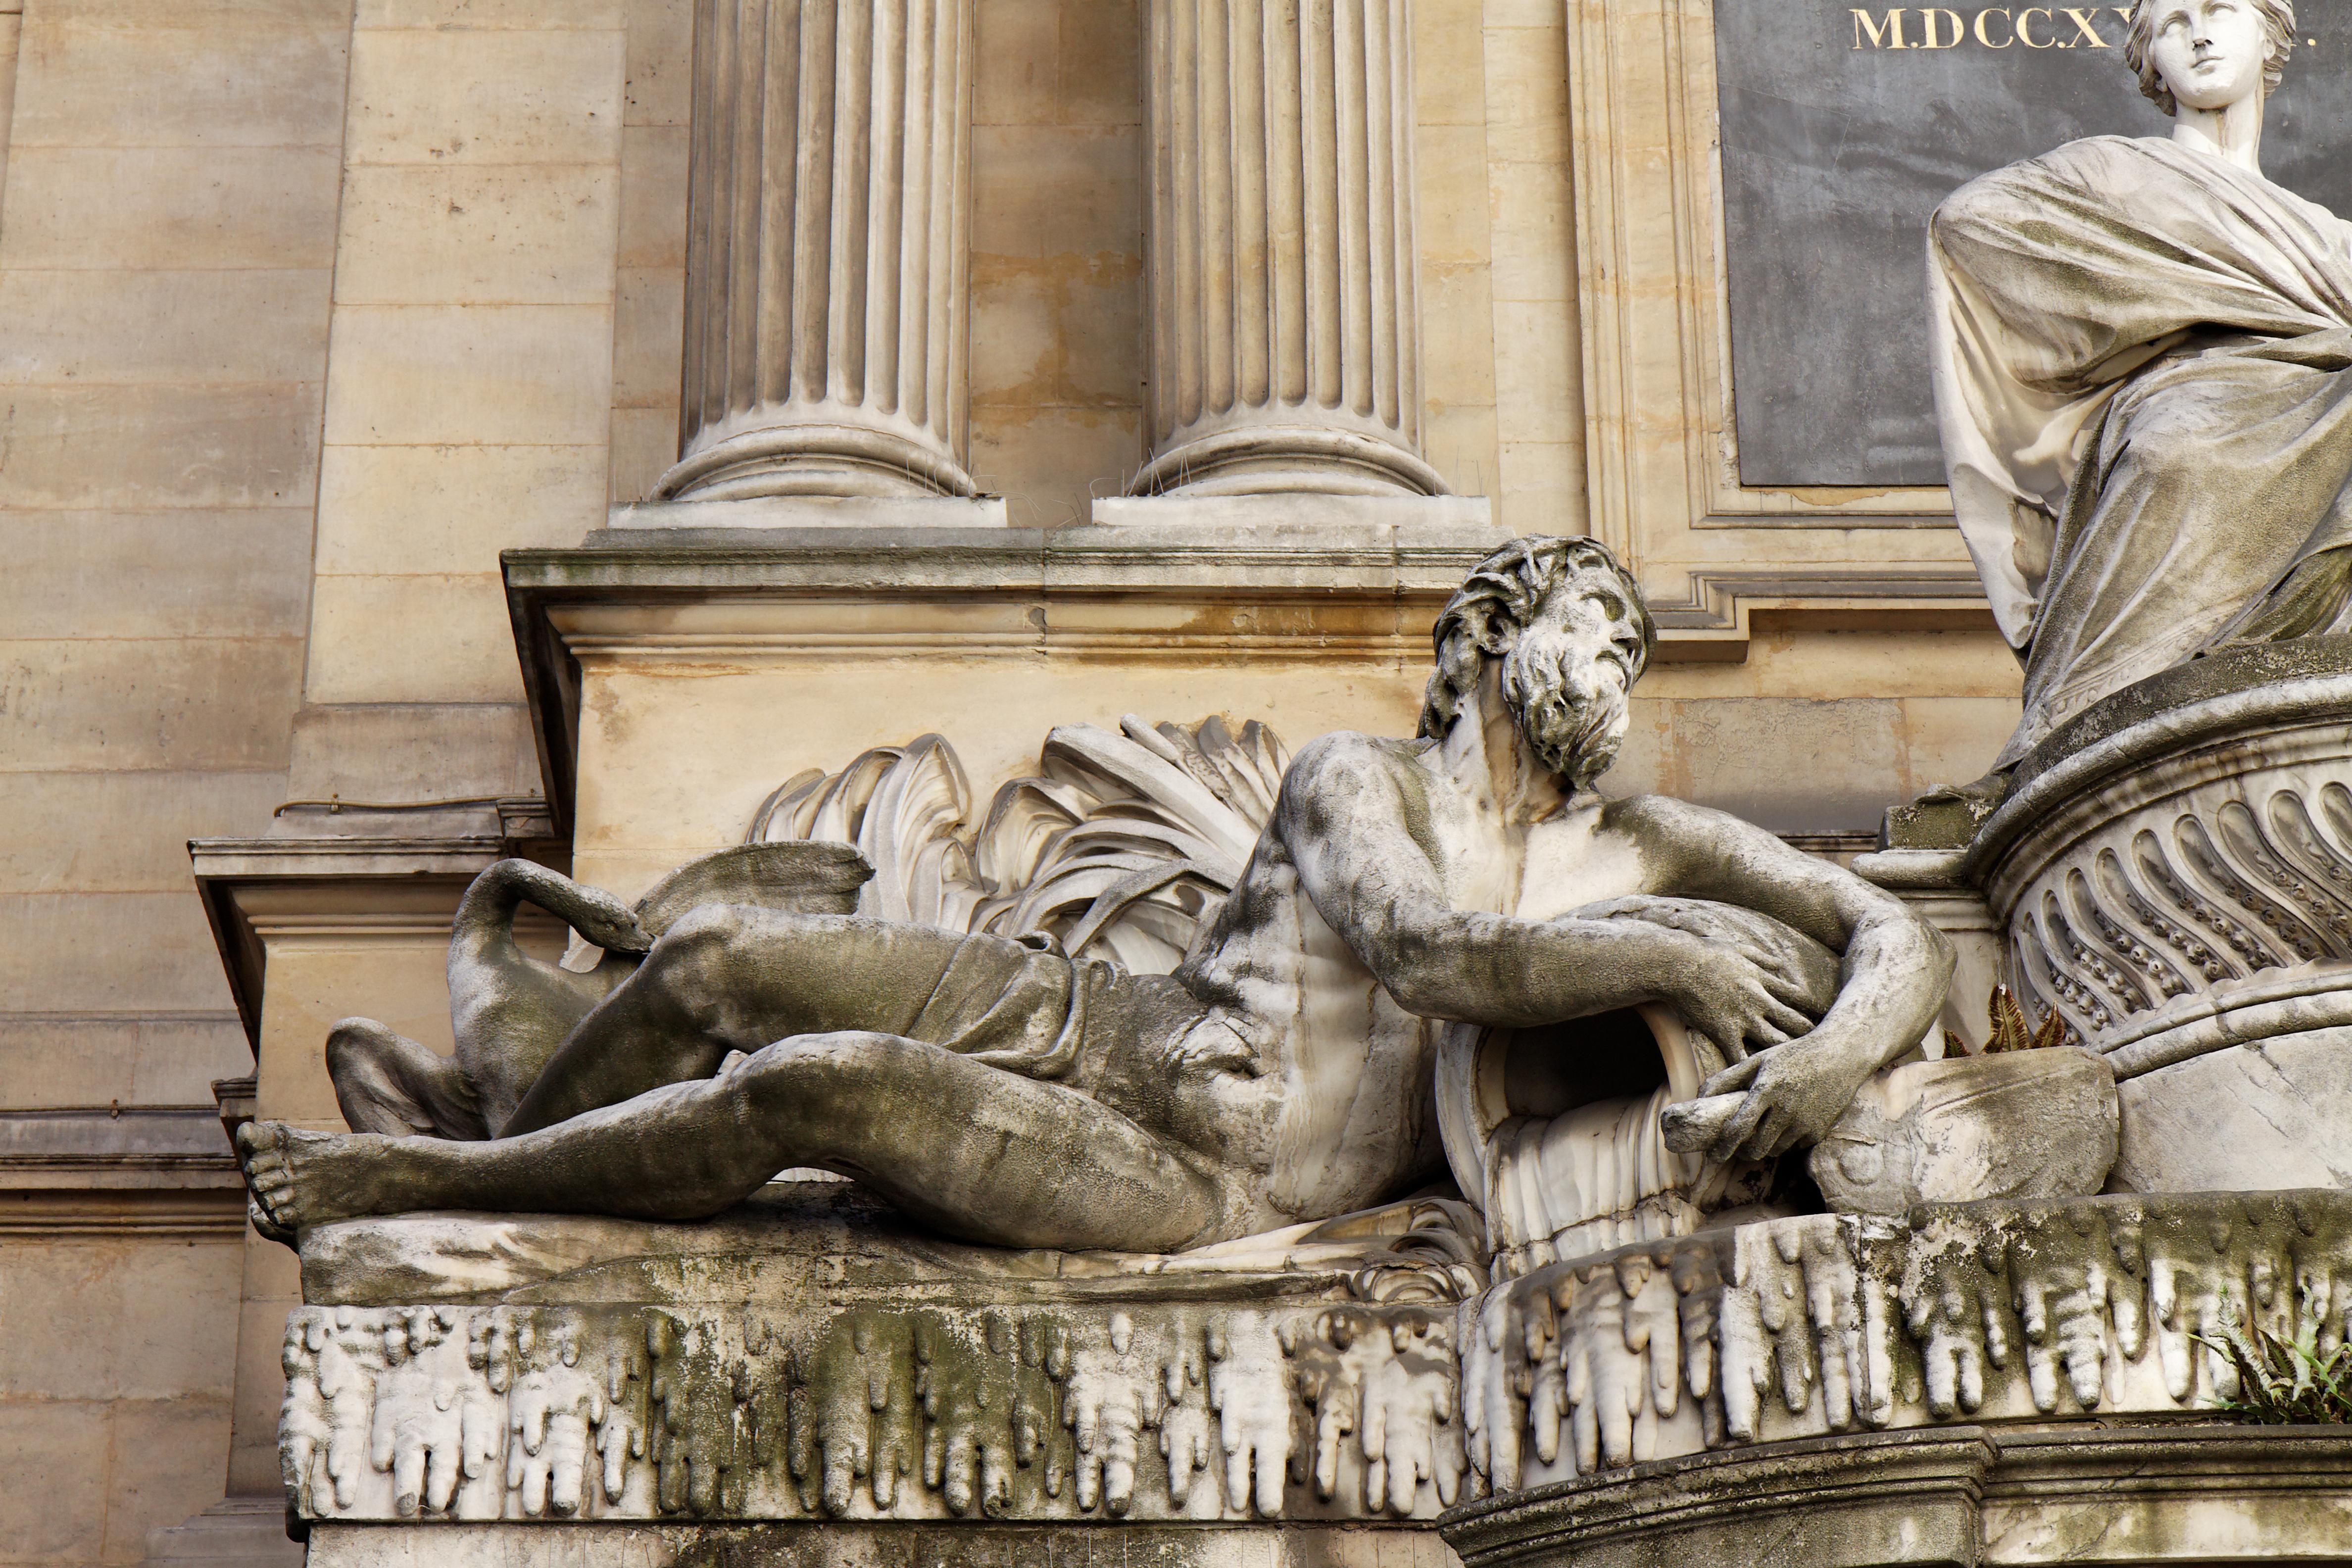 https://upload.wikimedia.org/wikipedia/commons/c/c1/Paris_-_Fontaine_des_Quatre-Saisons_-_59_rue_de_Grenelle_-_005.jpg